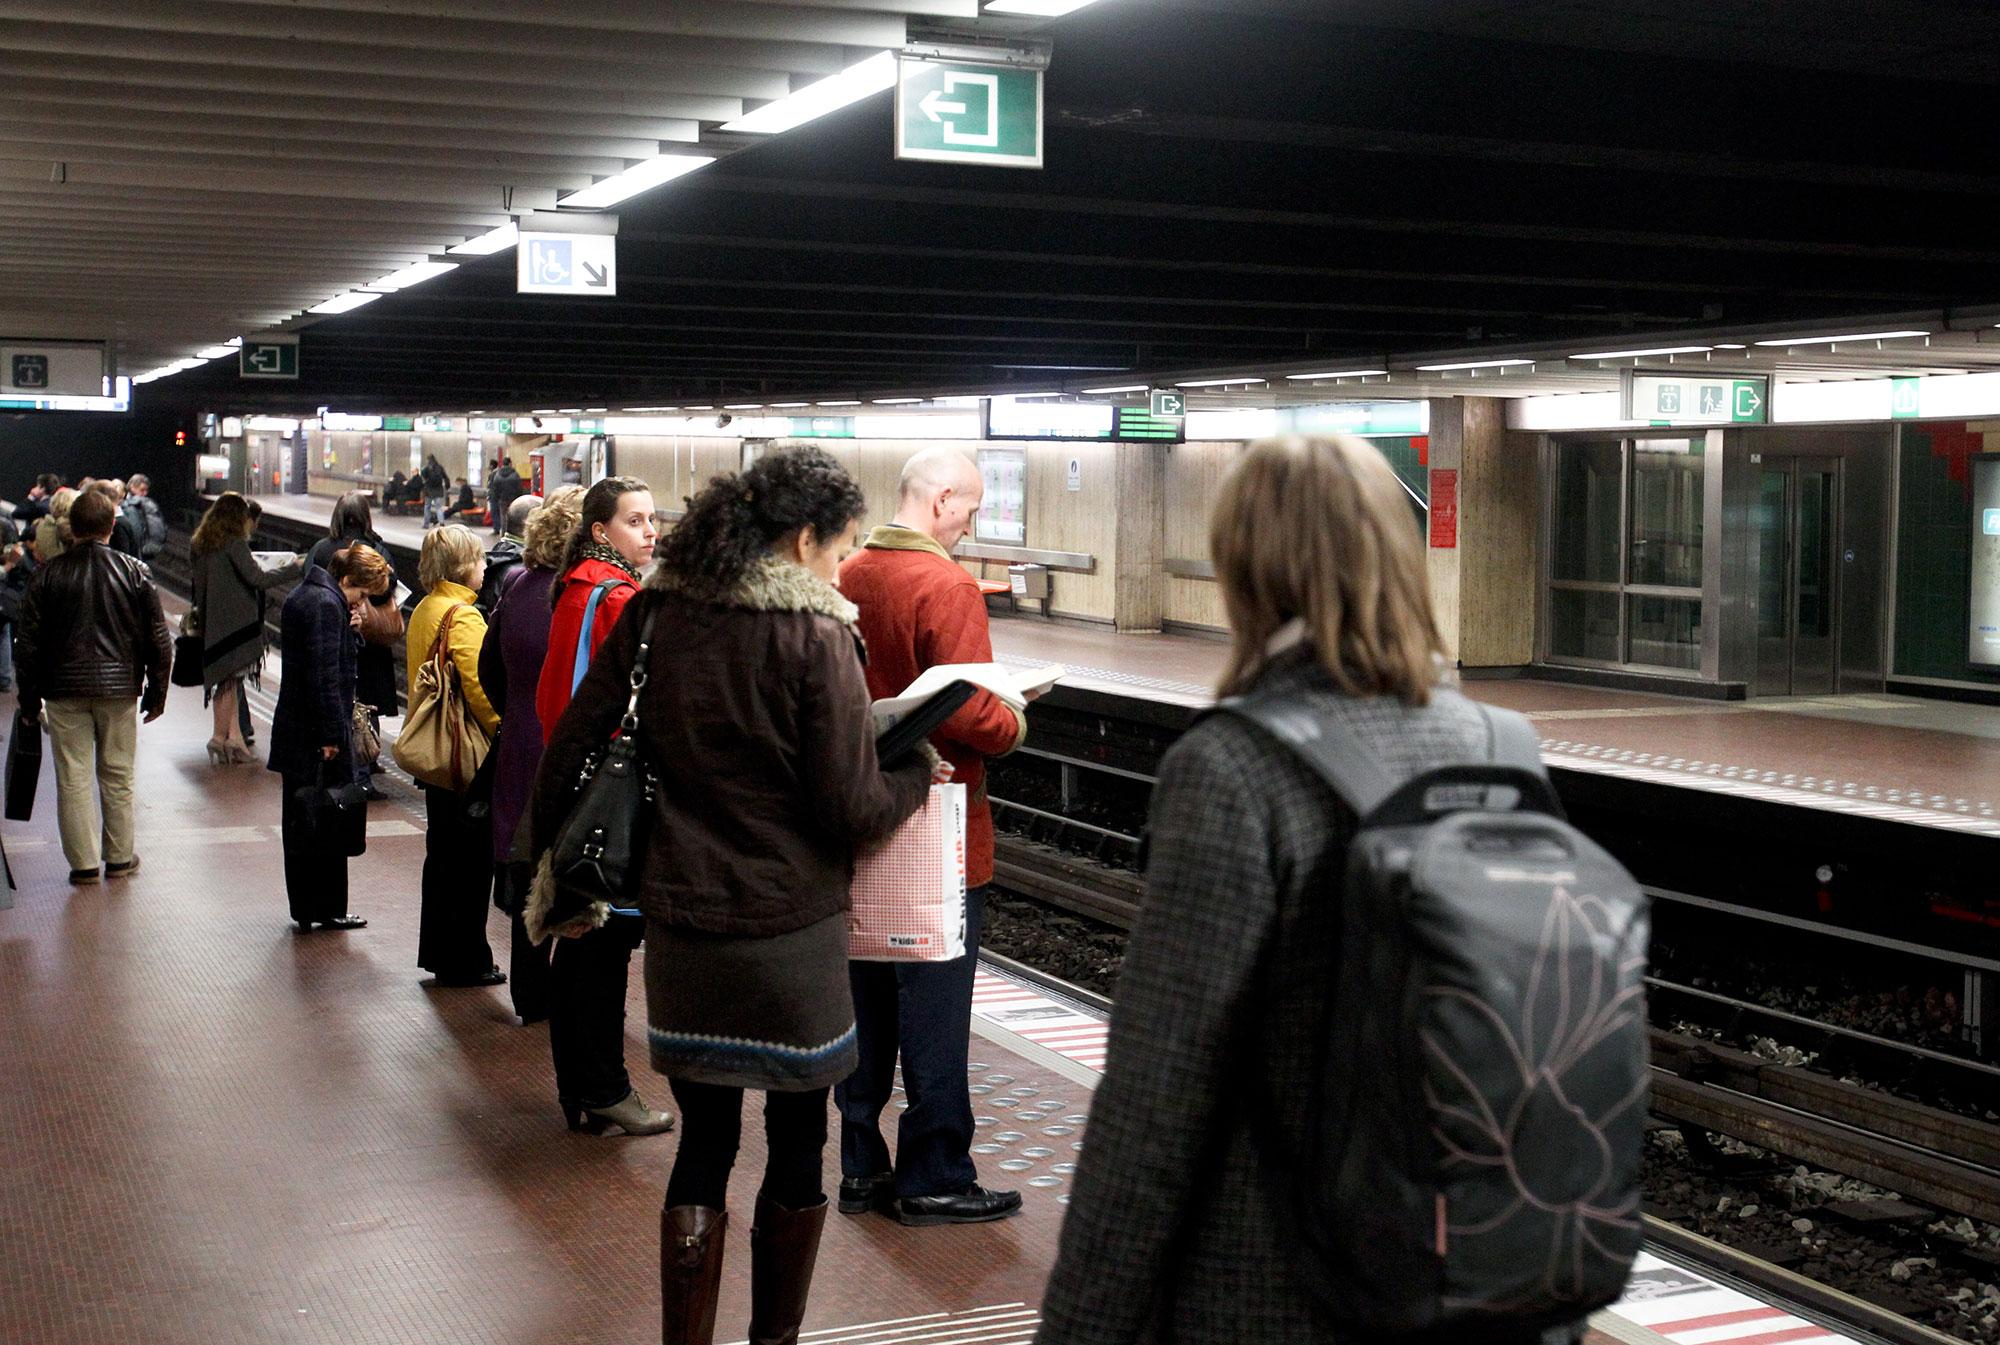 Tarifs de la STIB : nouveau désaccord au sein de la majorité bruxelloise